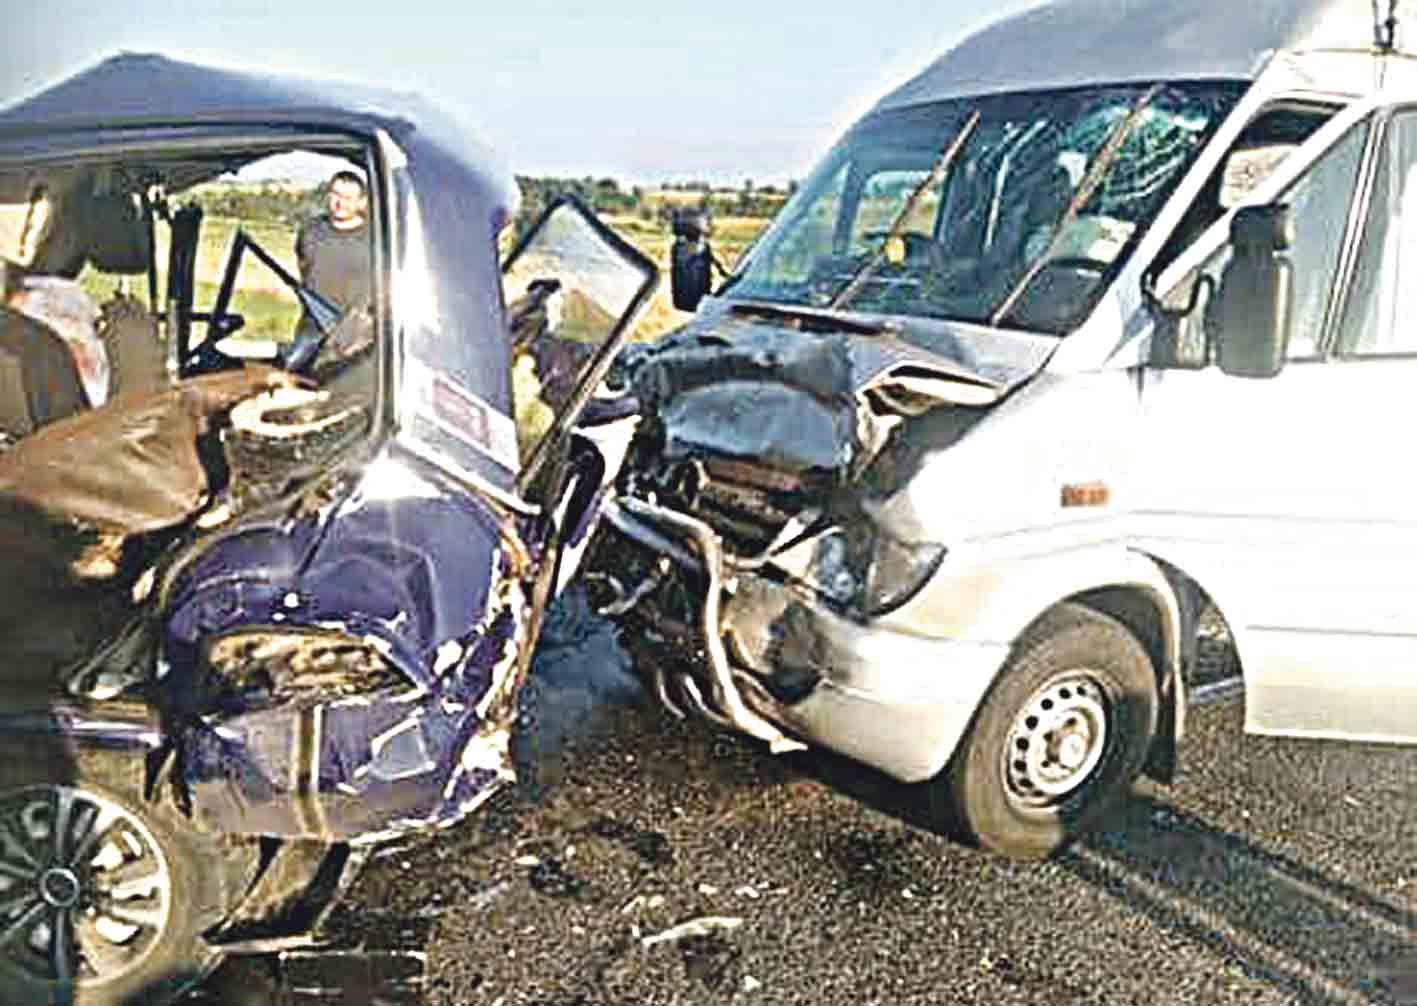 Аварія У Тульчині: вантажівка зіткнулась із мікроавтобусом. Потерпілі досі не розібрались зі слідством.